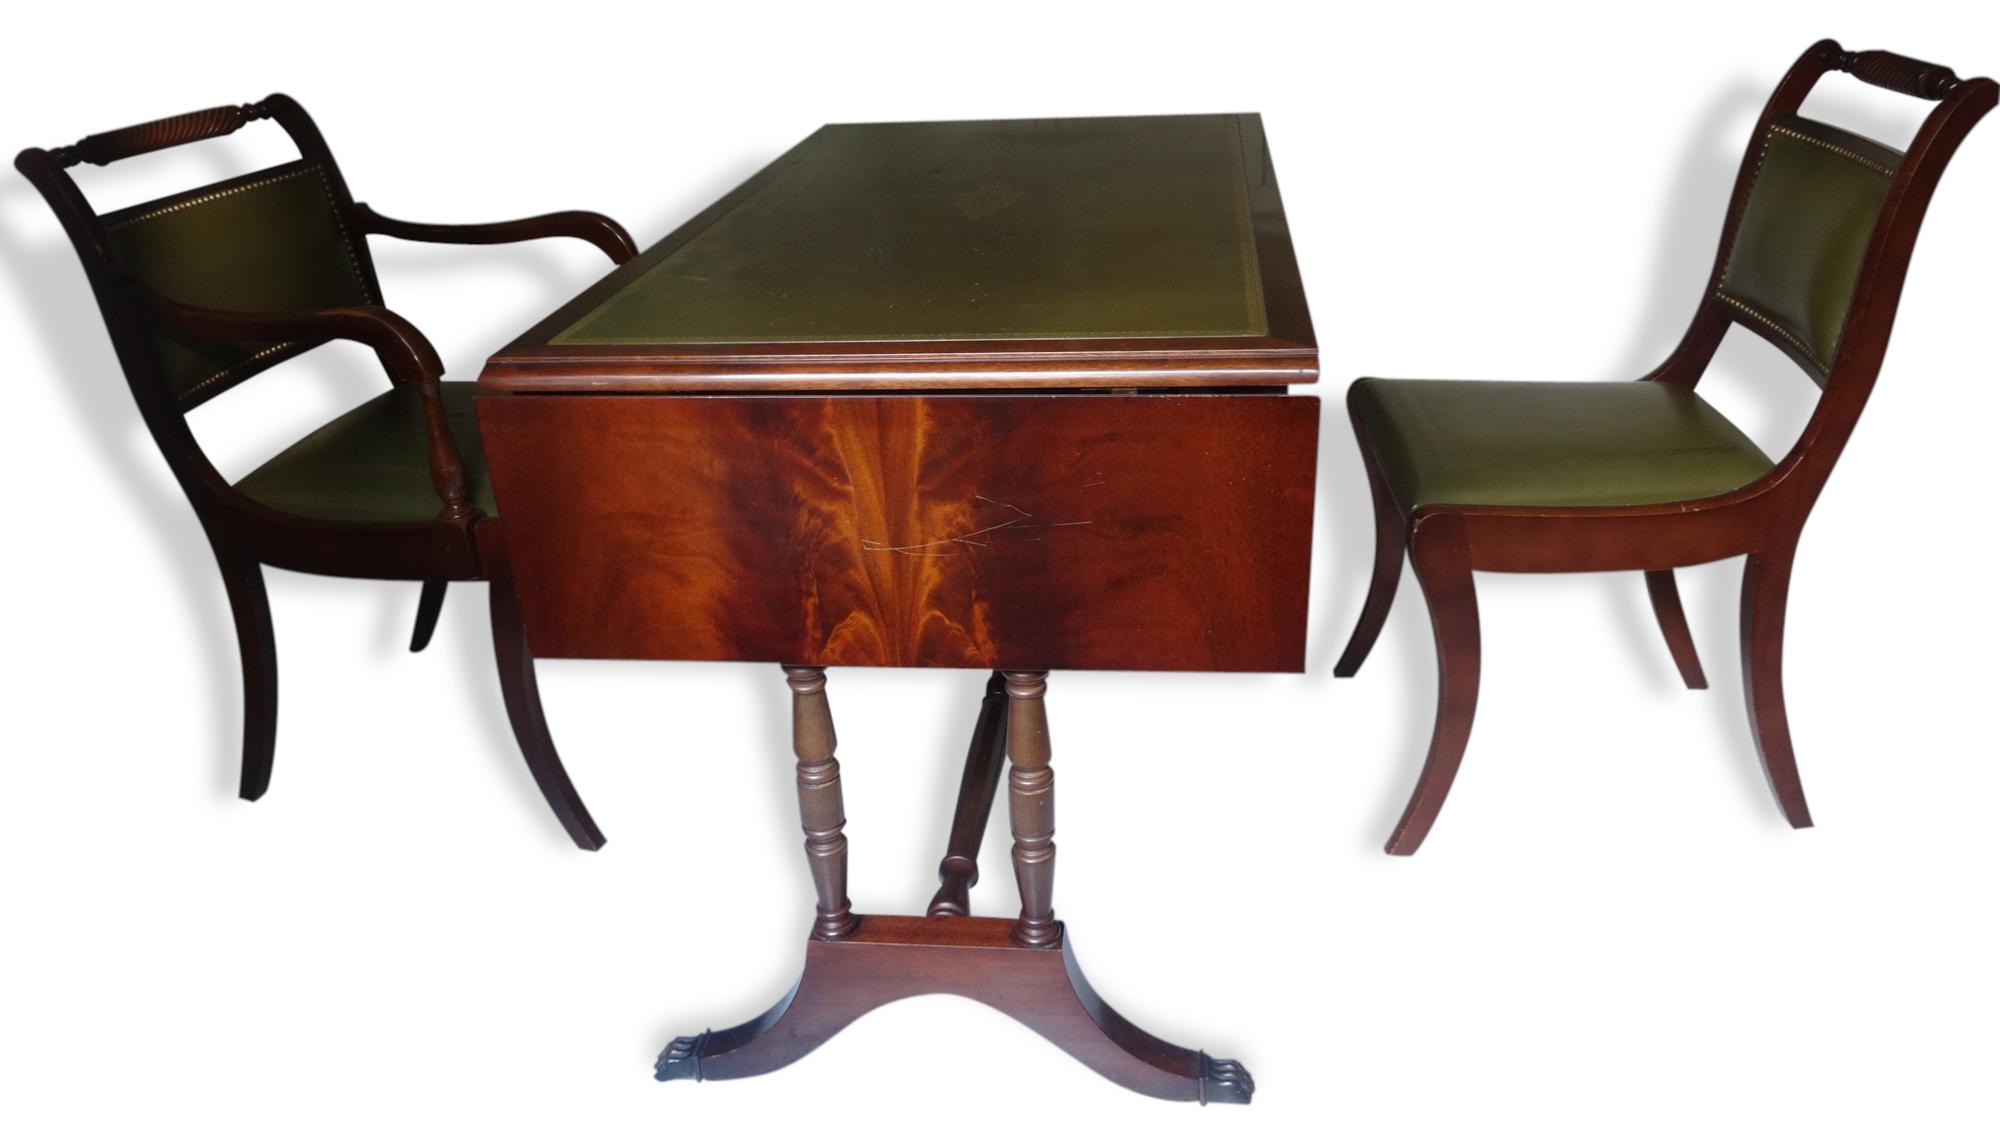 Bureau De Style Anglais, Fauteuil Et Chaise - Bois (Matériau